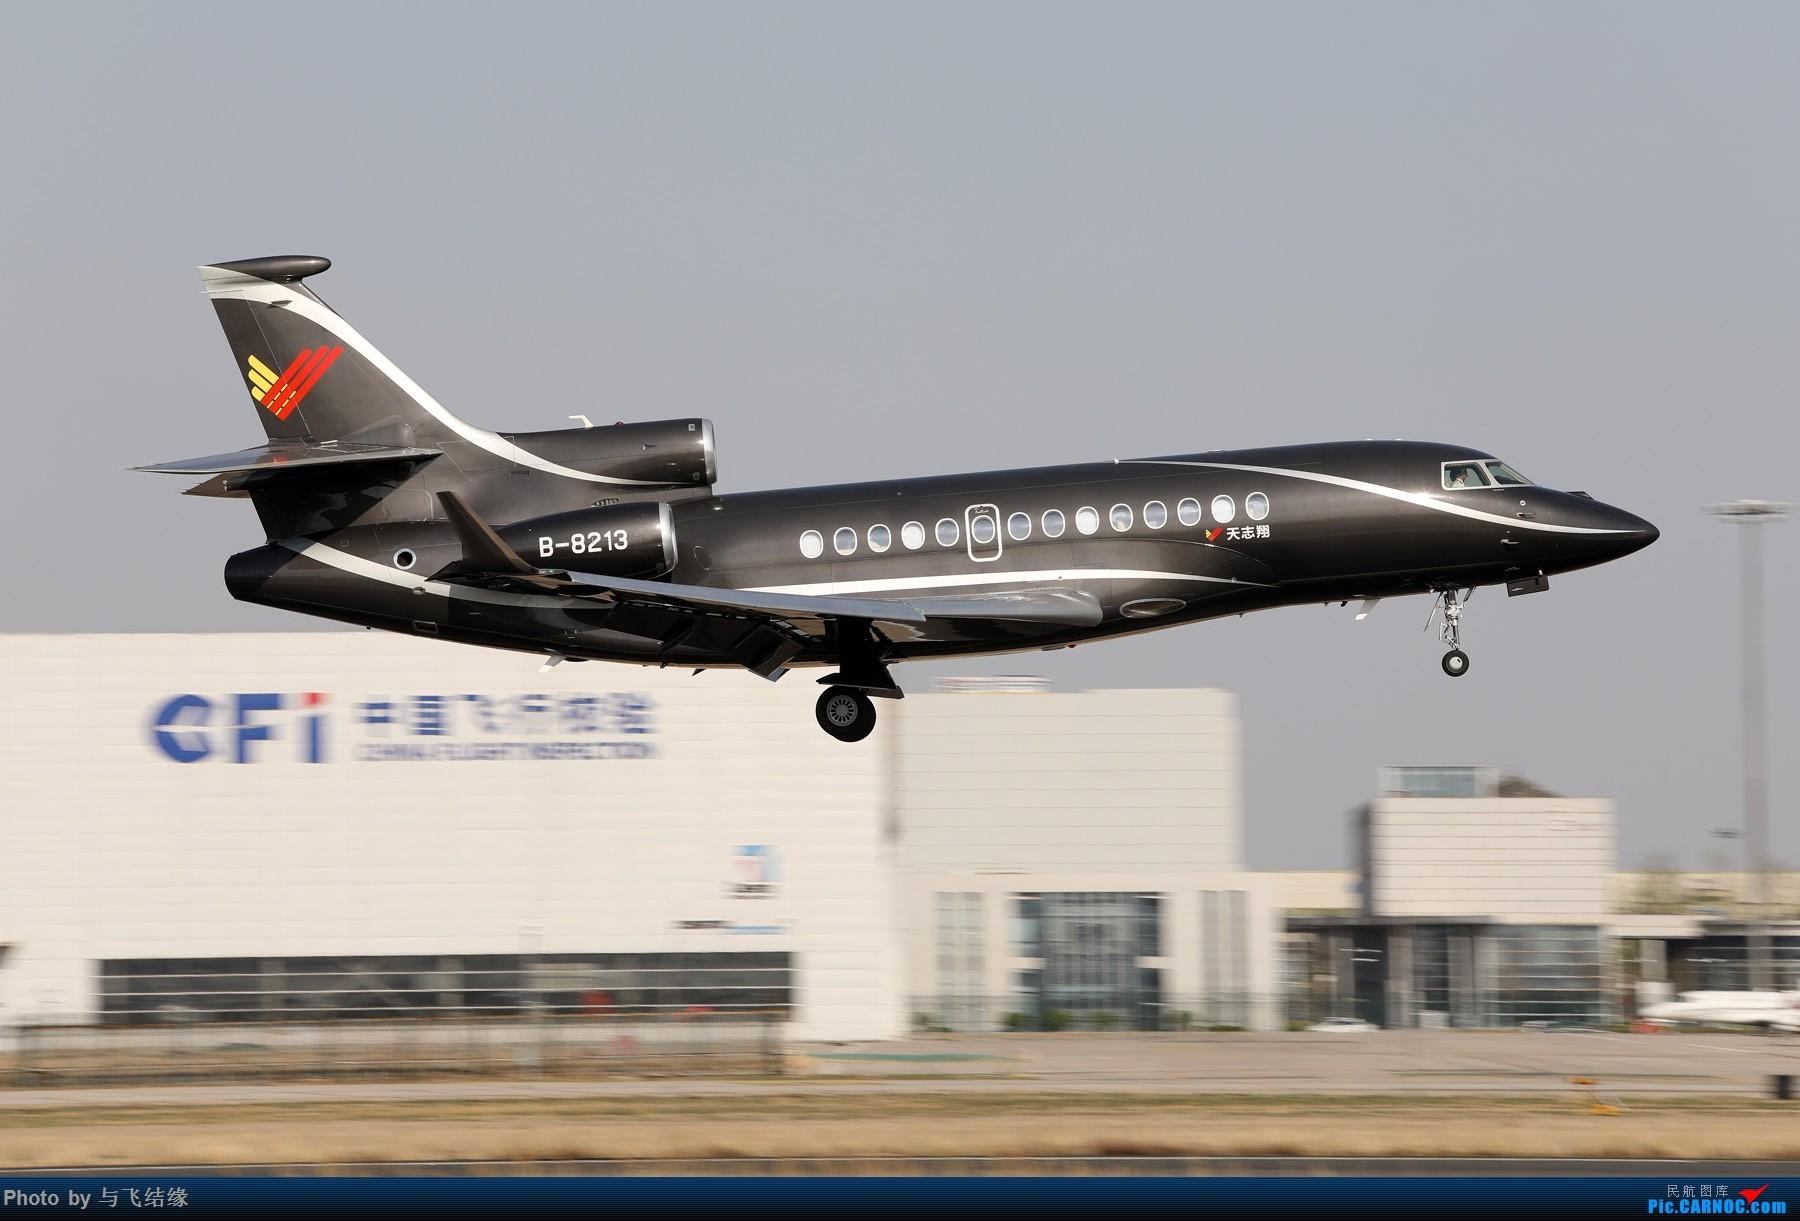 [原创]黑黑衣哟黑!它怎么那么黑,气死活李逵,赛过猛张飞。 DASSAULT FALCON 7X B-8213 中国北京首都国际机场